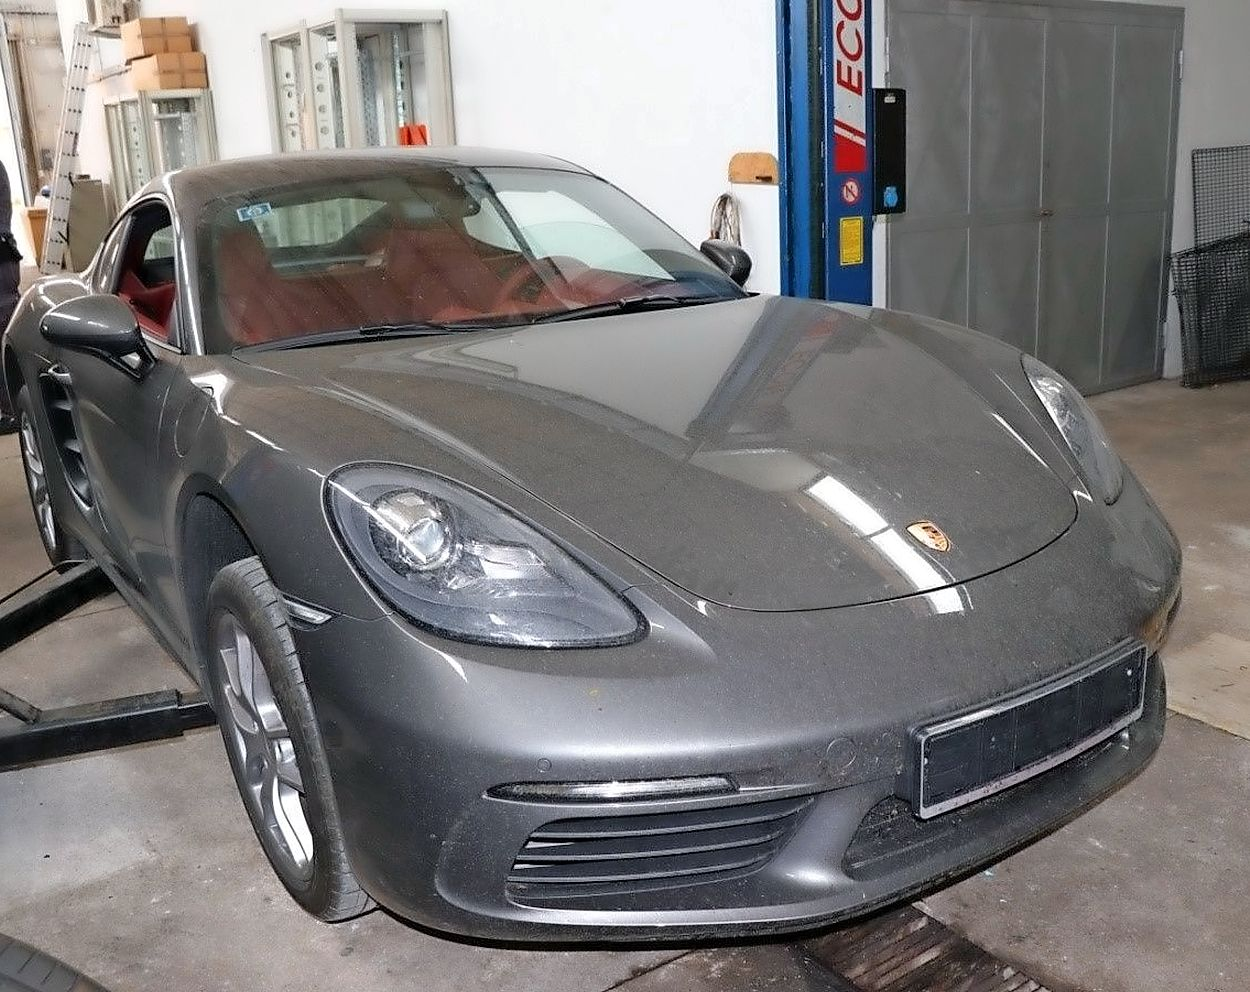 Find a stolen car – Primorske novice